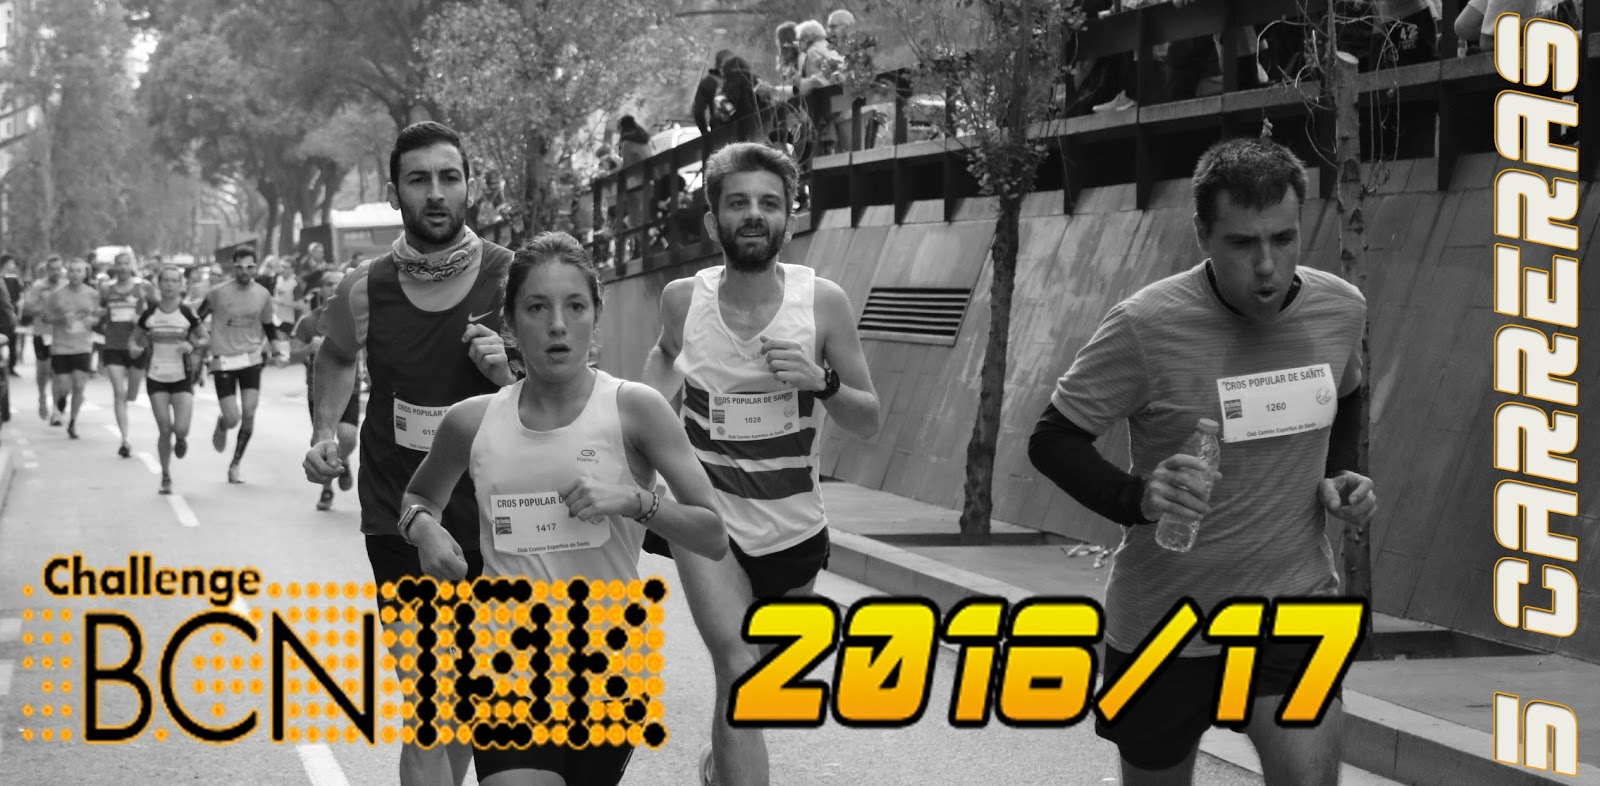 ChallengeBCN10k 2016/17 - 5 carreras